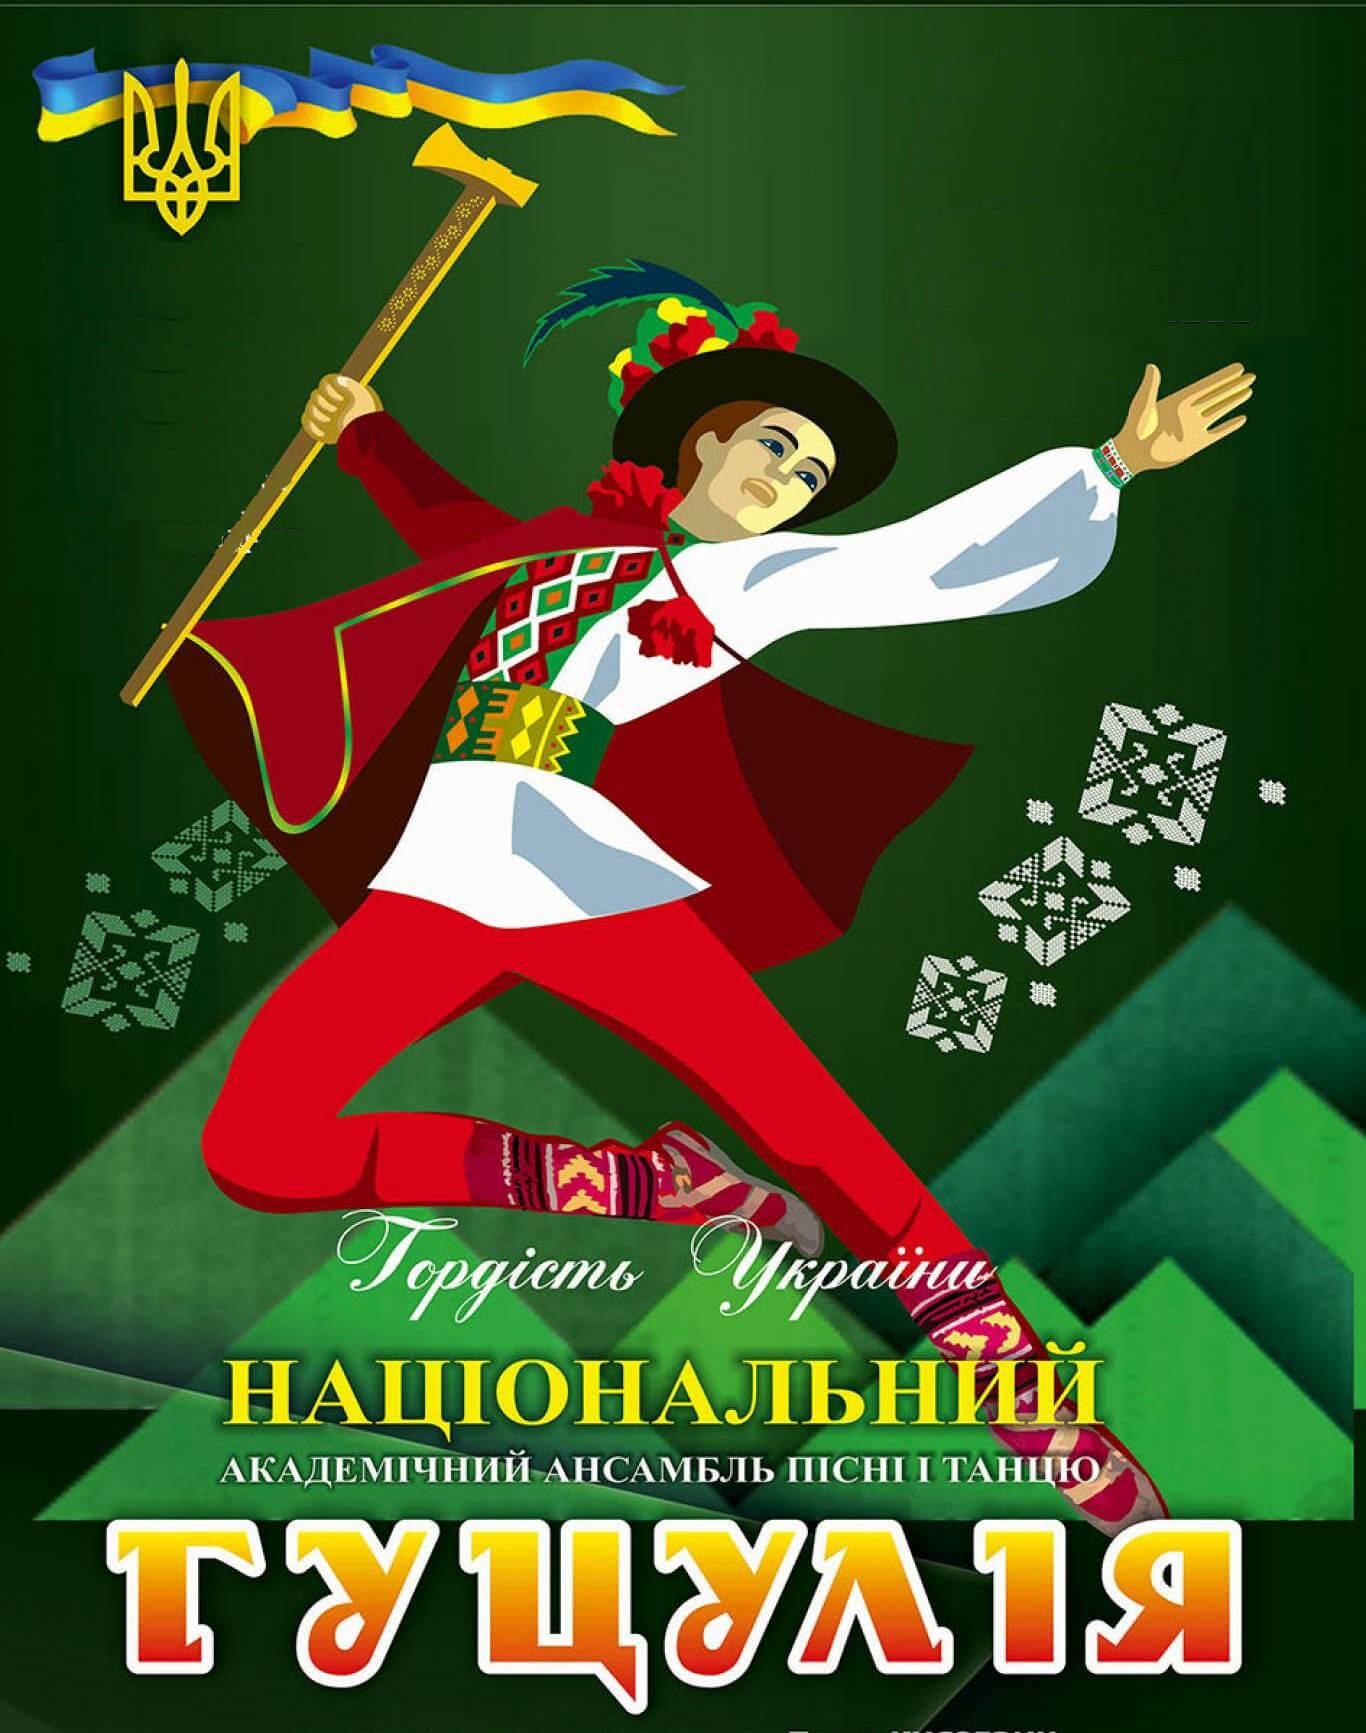 Гордость Украины - Национальний академический ансамбль песні и танца «Гуцулія», Ивано-Франковск